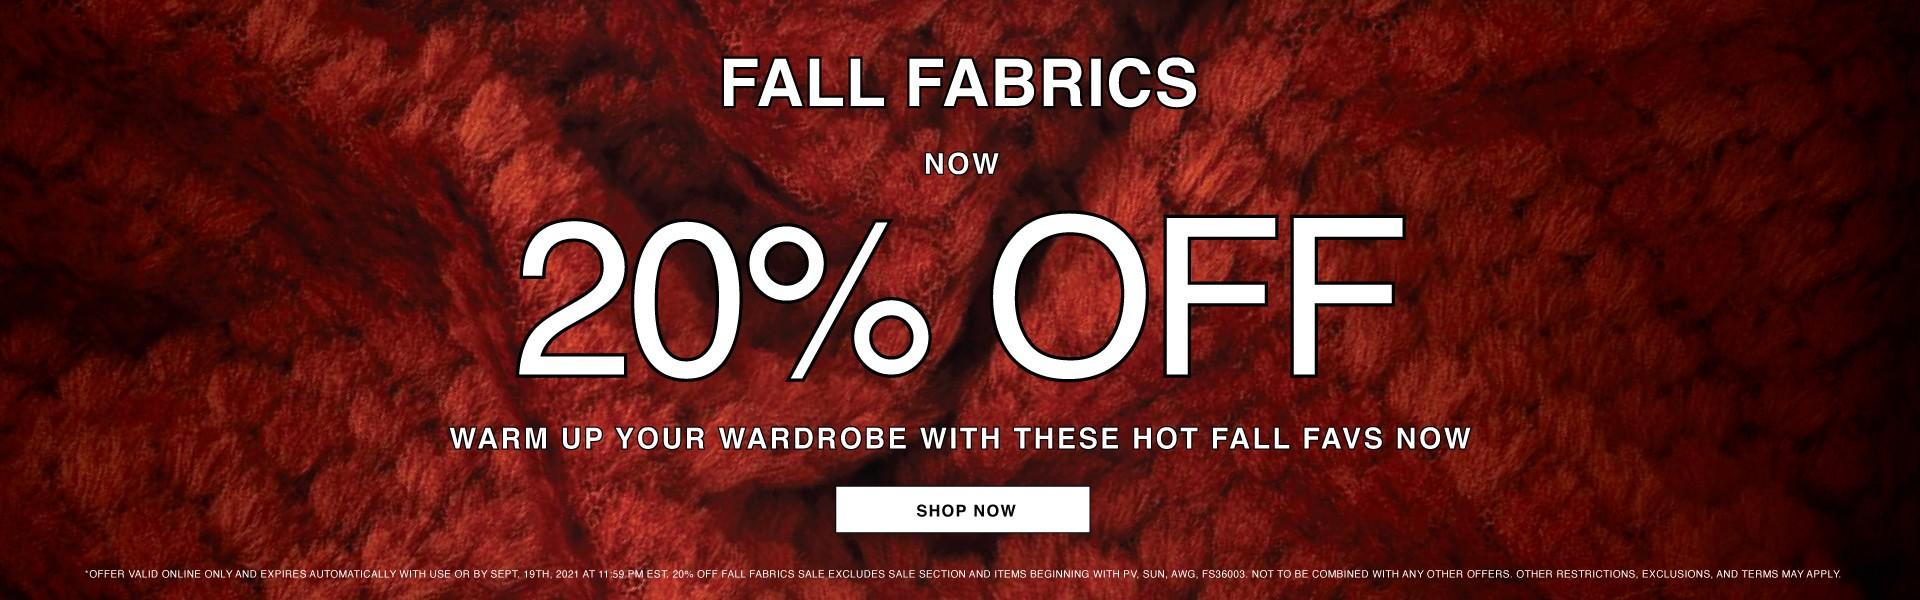 Get Cozy! Shop 20% Off Fall Fabrics Now!